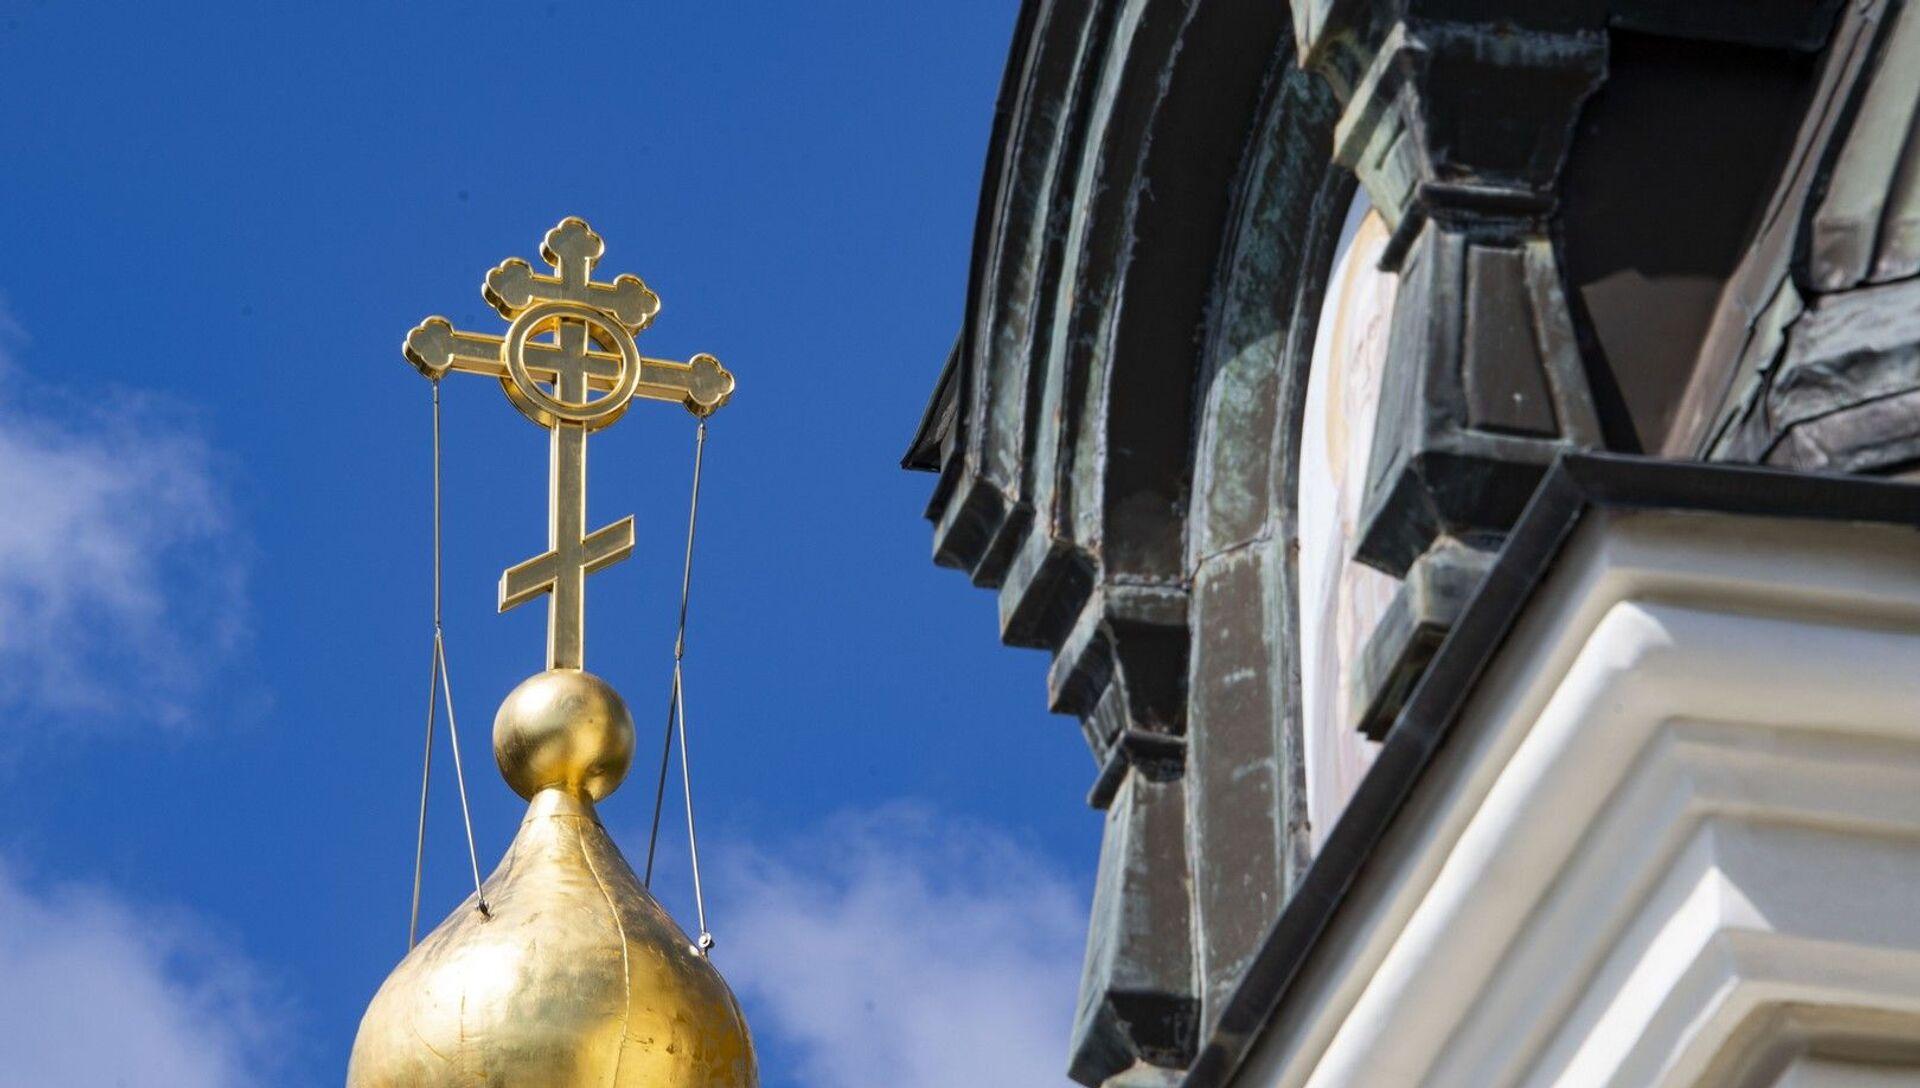 Православный крест золотой купол - РИА Новости, 1920, 04.11.2020